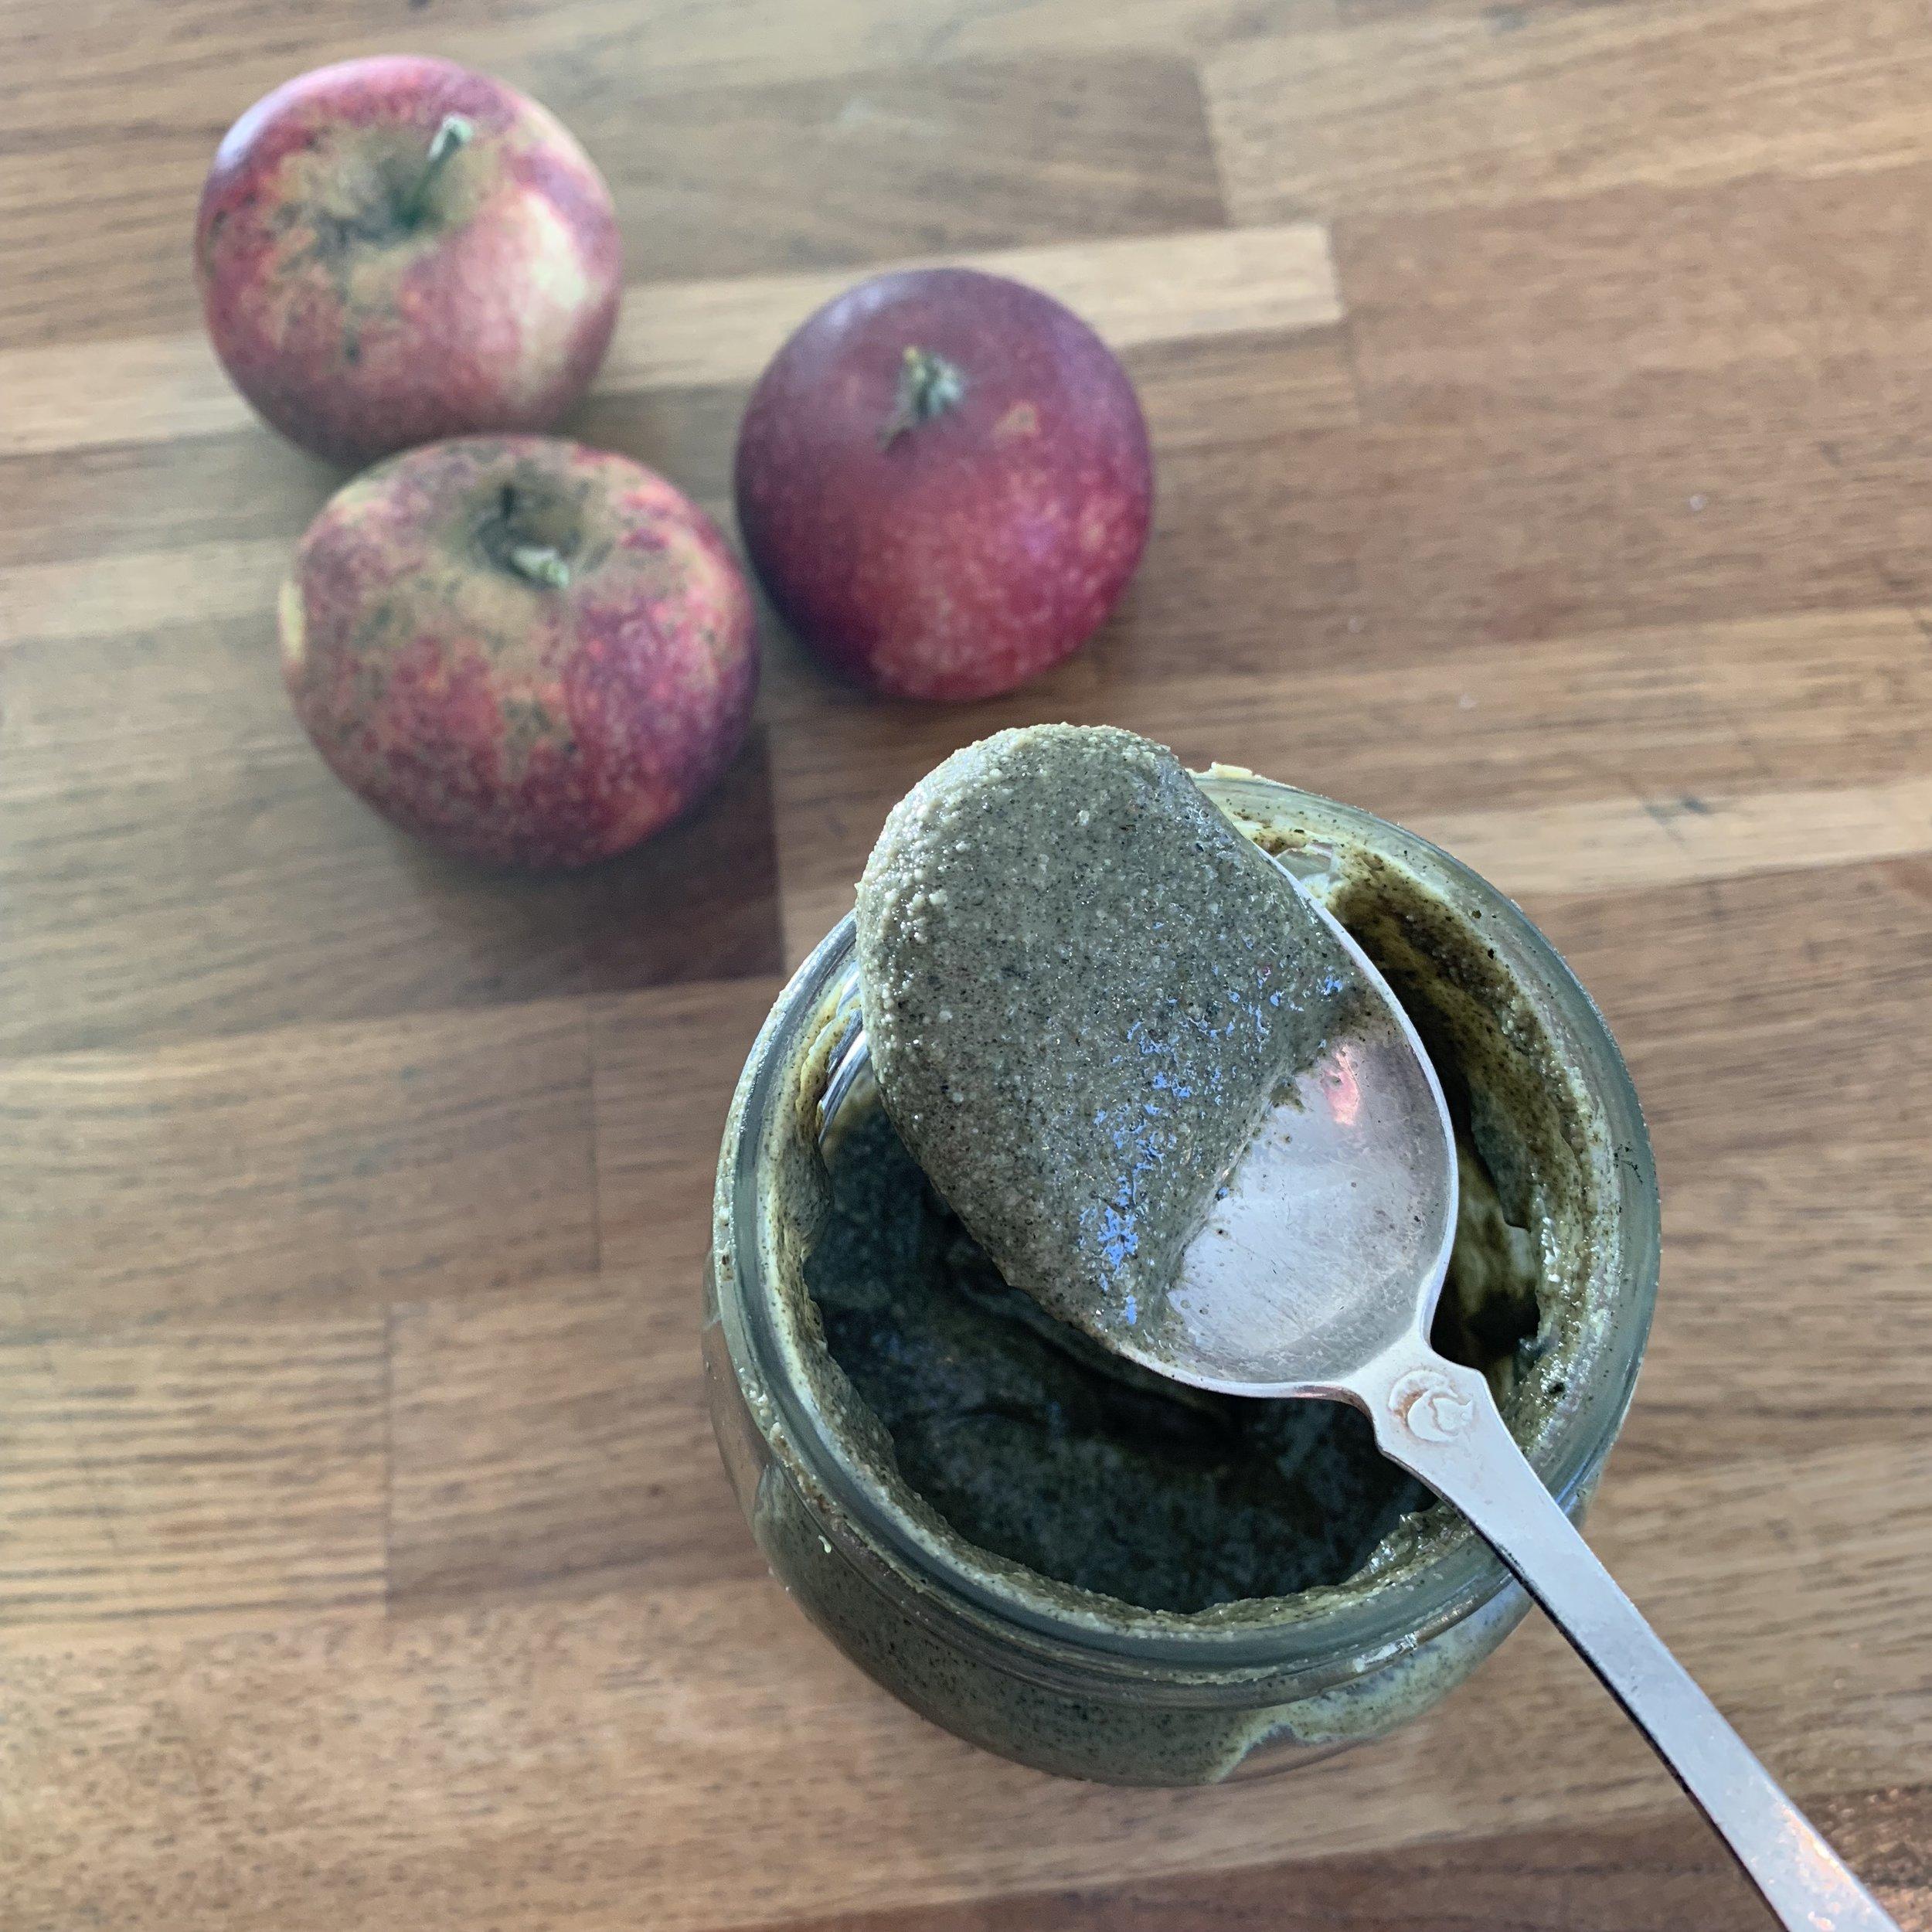 Før kokosmelk og honning kom oppi. Sånn spiser jeg som regel frøsmøret … Perfekt som en rask snacks med eple eller banan til – eller på brødskiva, gjerne med eplemos, bær, frukt i skiver, avocado eller honning/lønnesirup over. Og helt suveren å blande inn i dressinger med olje, salt, sitron og revet sitronskall til salater, quinoabowls og ovnsbakte grønnsaker! Anbefales!